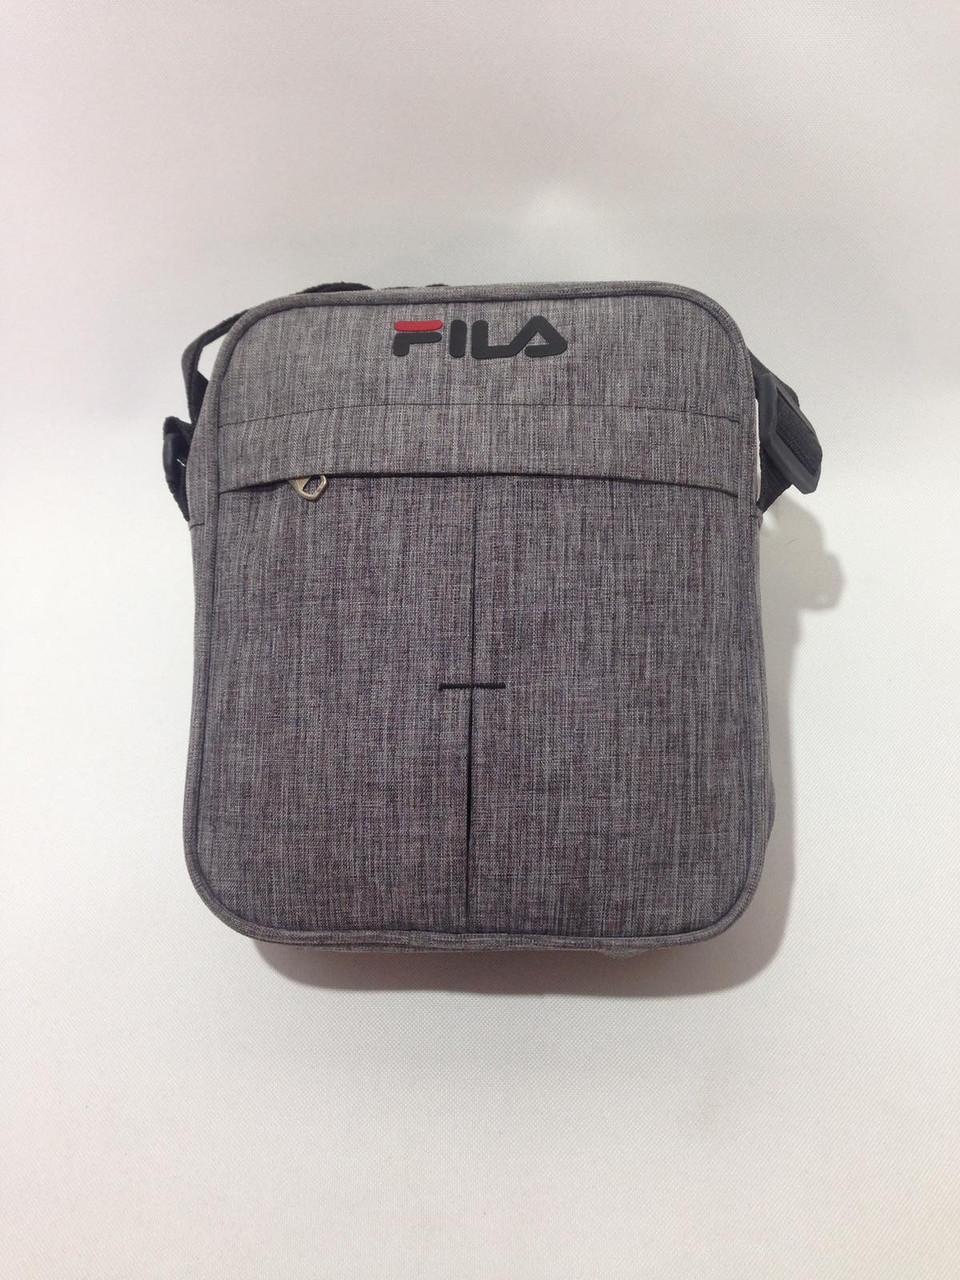 Мужская барсетка в стиле Fila, сумка через плечо 3 отделения